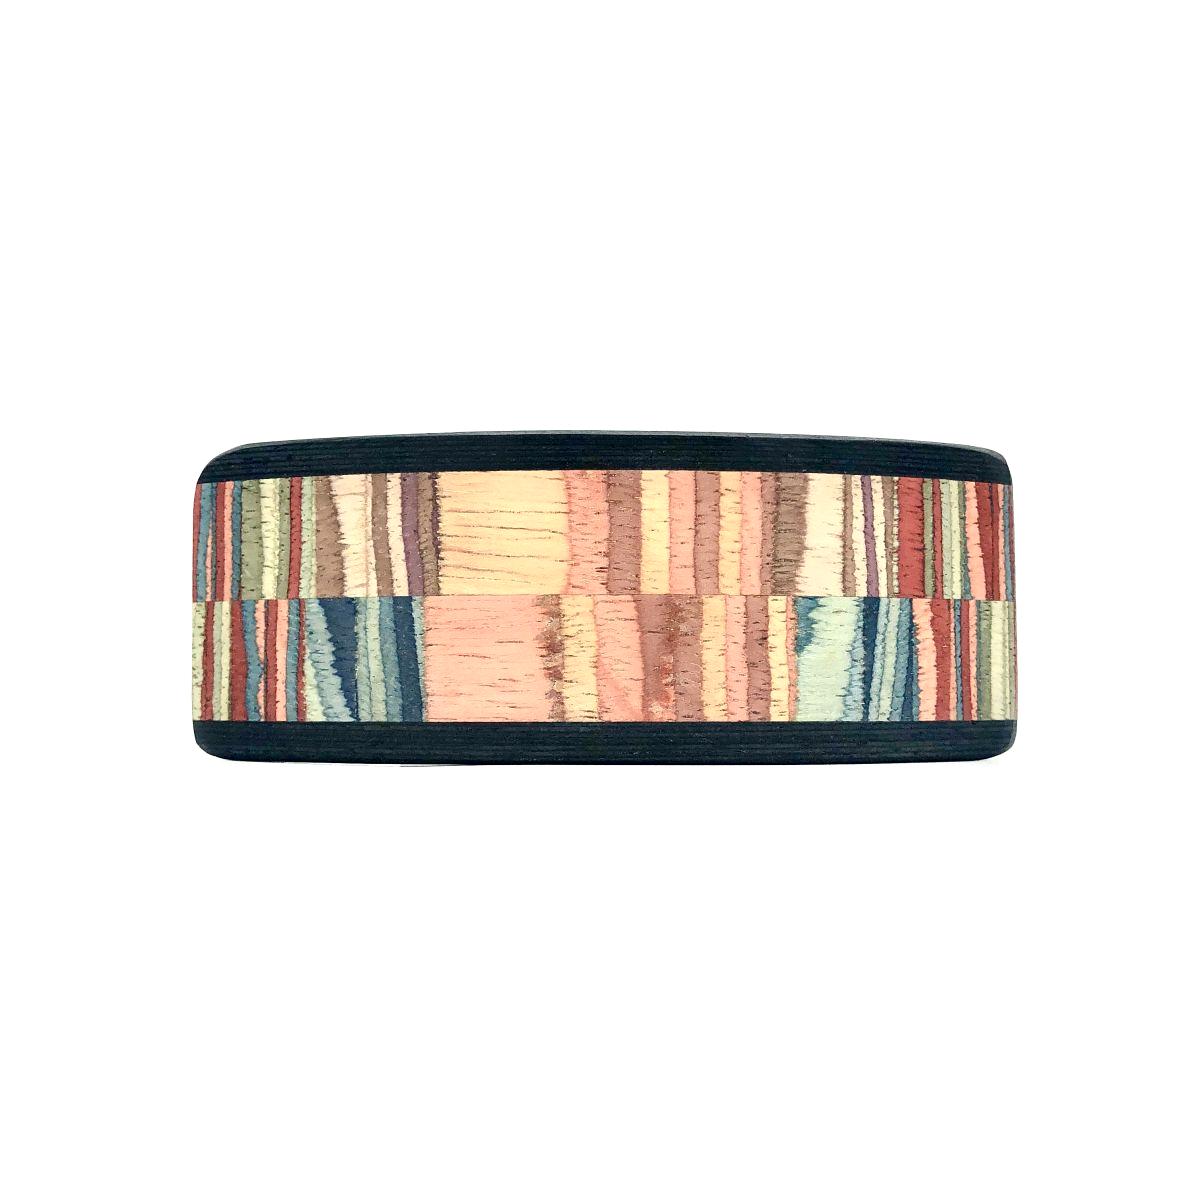 Haarspange aus Holz braun/bunt - groß, breit - 10,5 cm